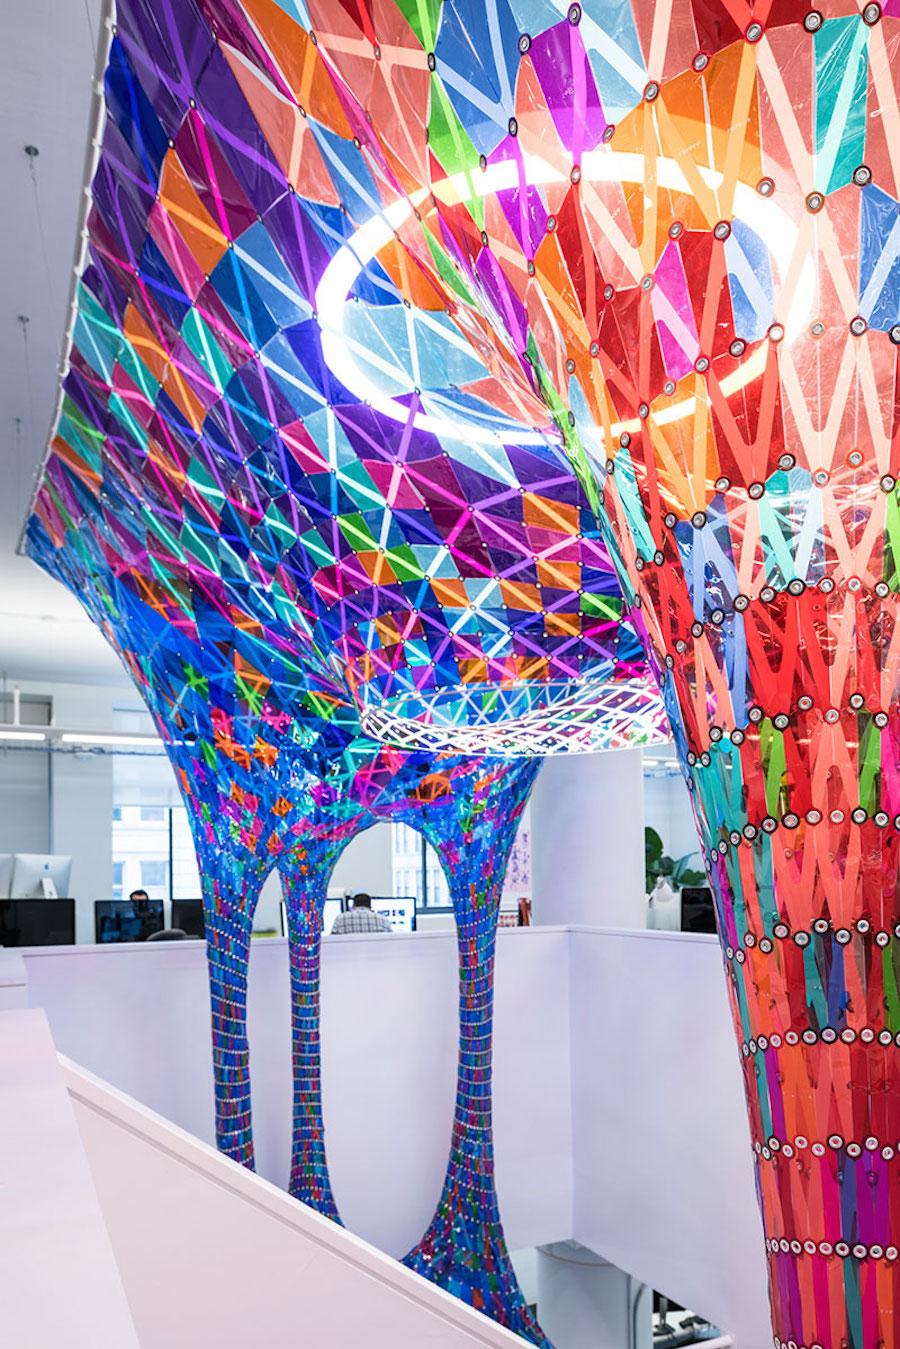 installazione-vetro-colori-behance-new-york-softlab-6